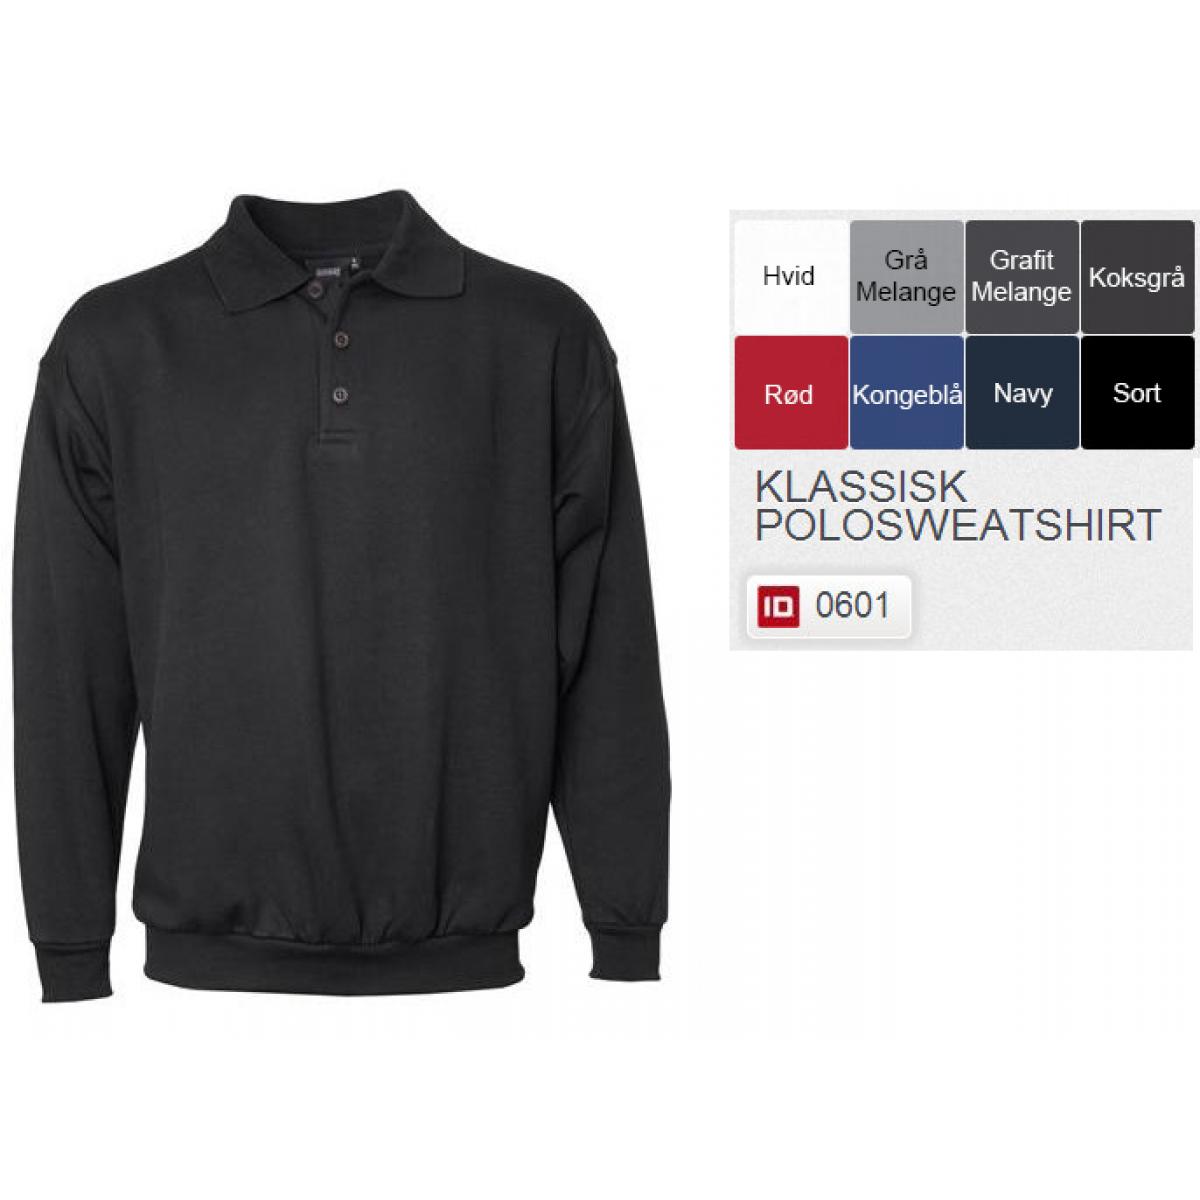 Klassisk Polosweatshirt-31